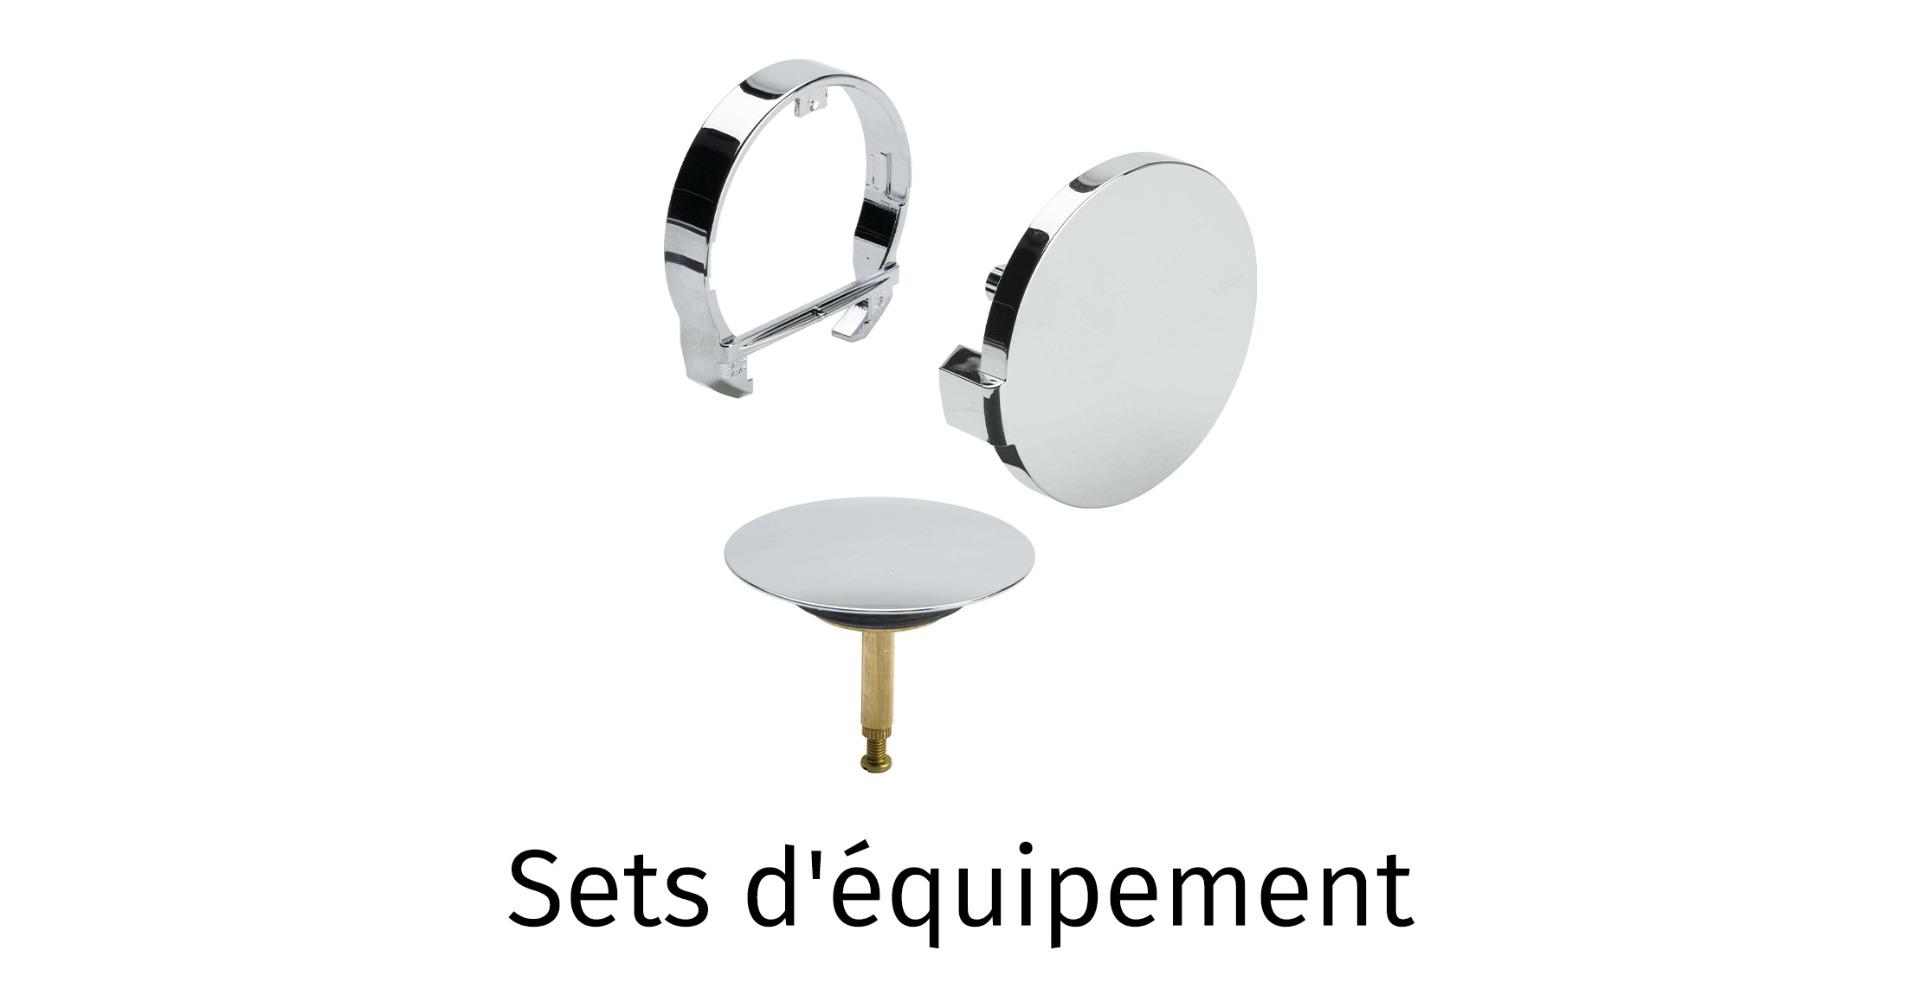 Sets d'équipment